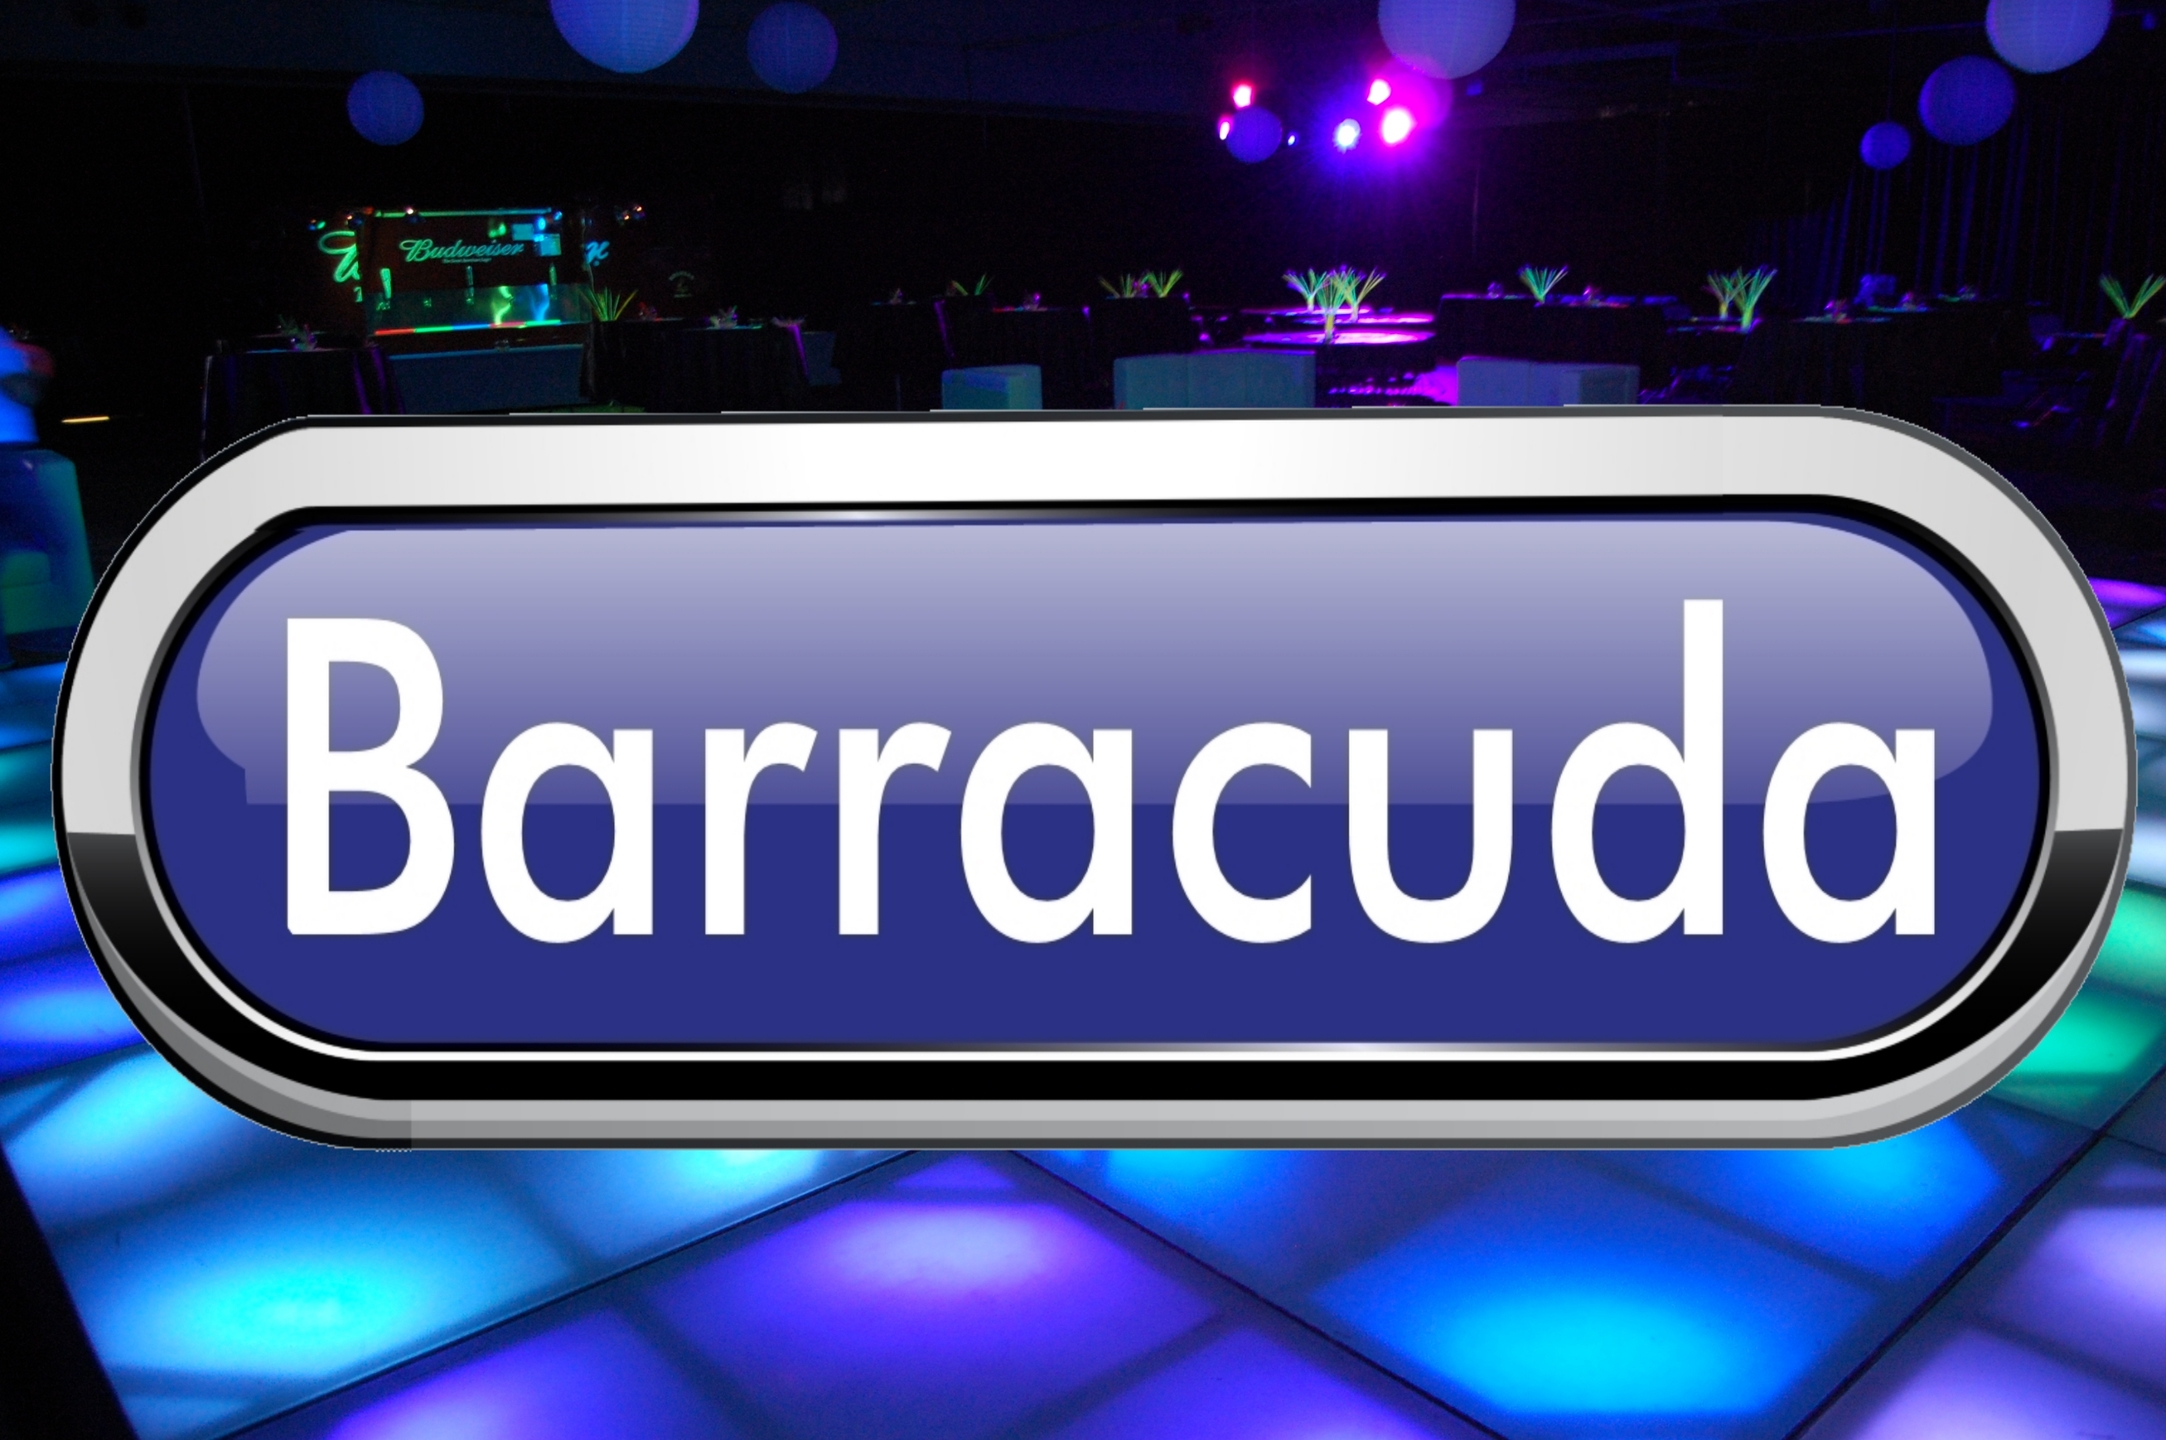 discBarracuda (@discobarracuda) Cover Image